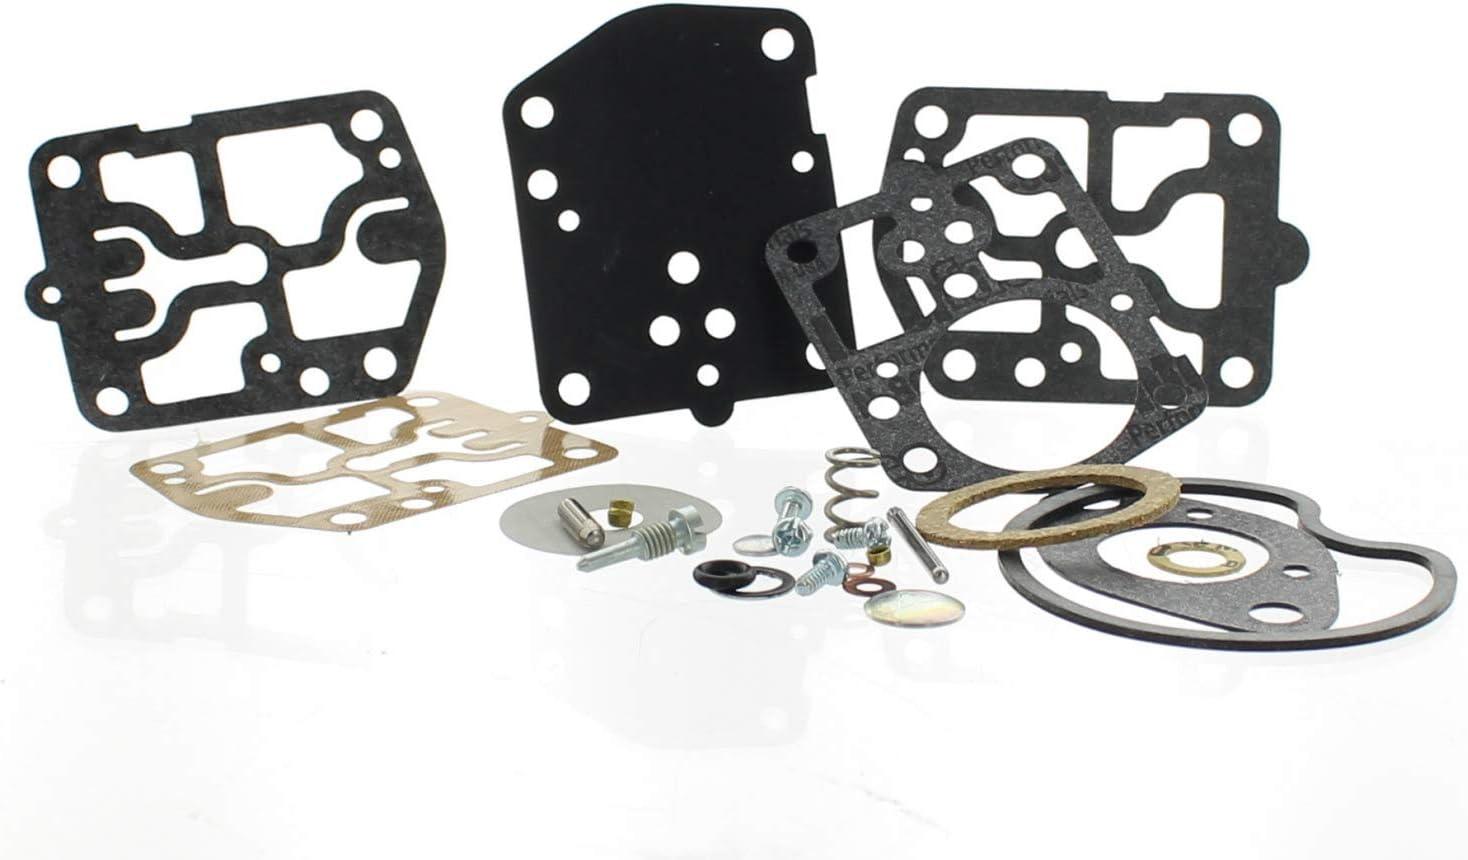 New Mercury Mercruiser Quicksilver Oem Part # 1399-879194026 Repair Kit-Carb